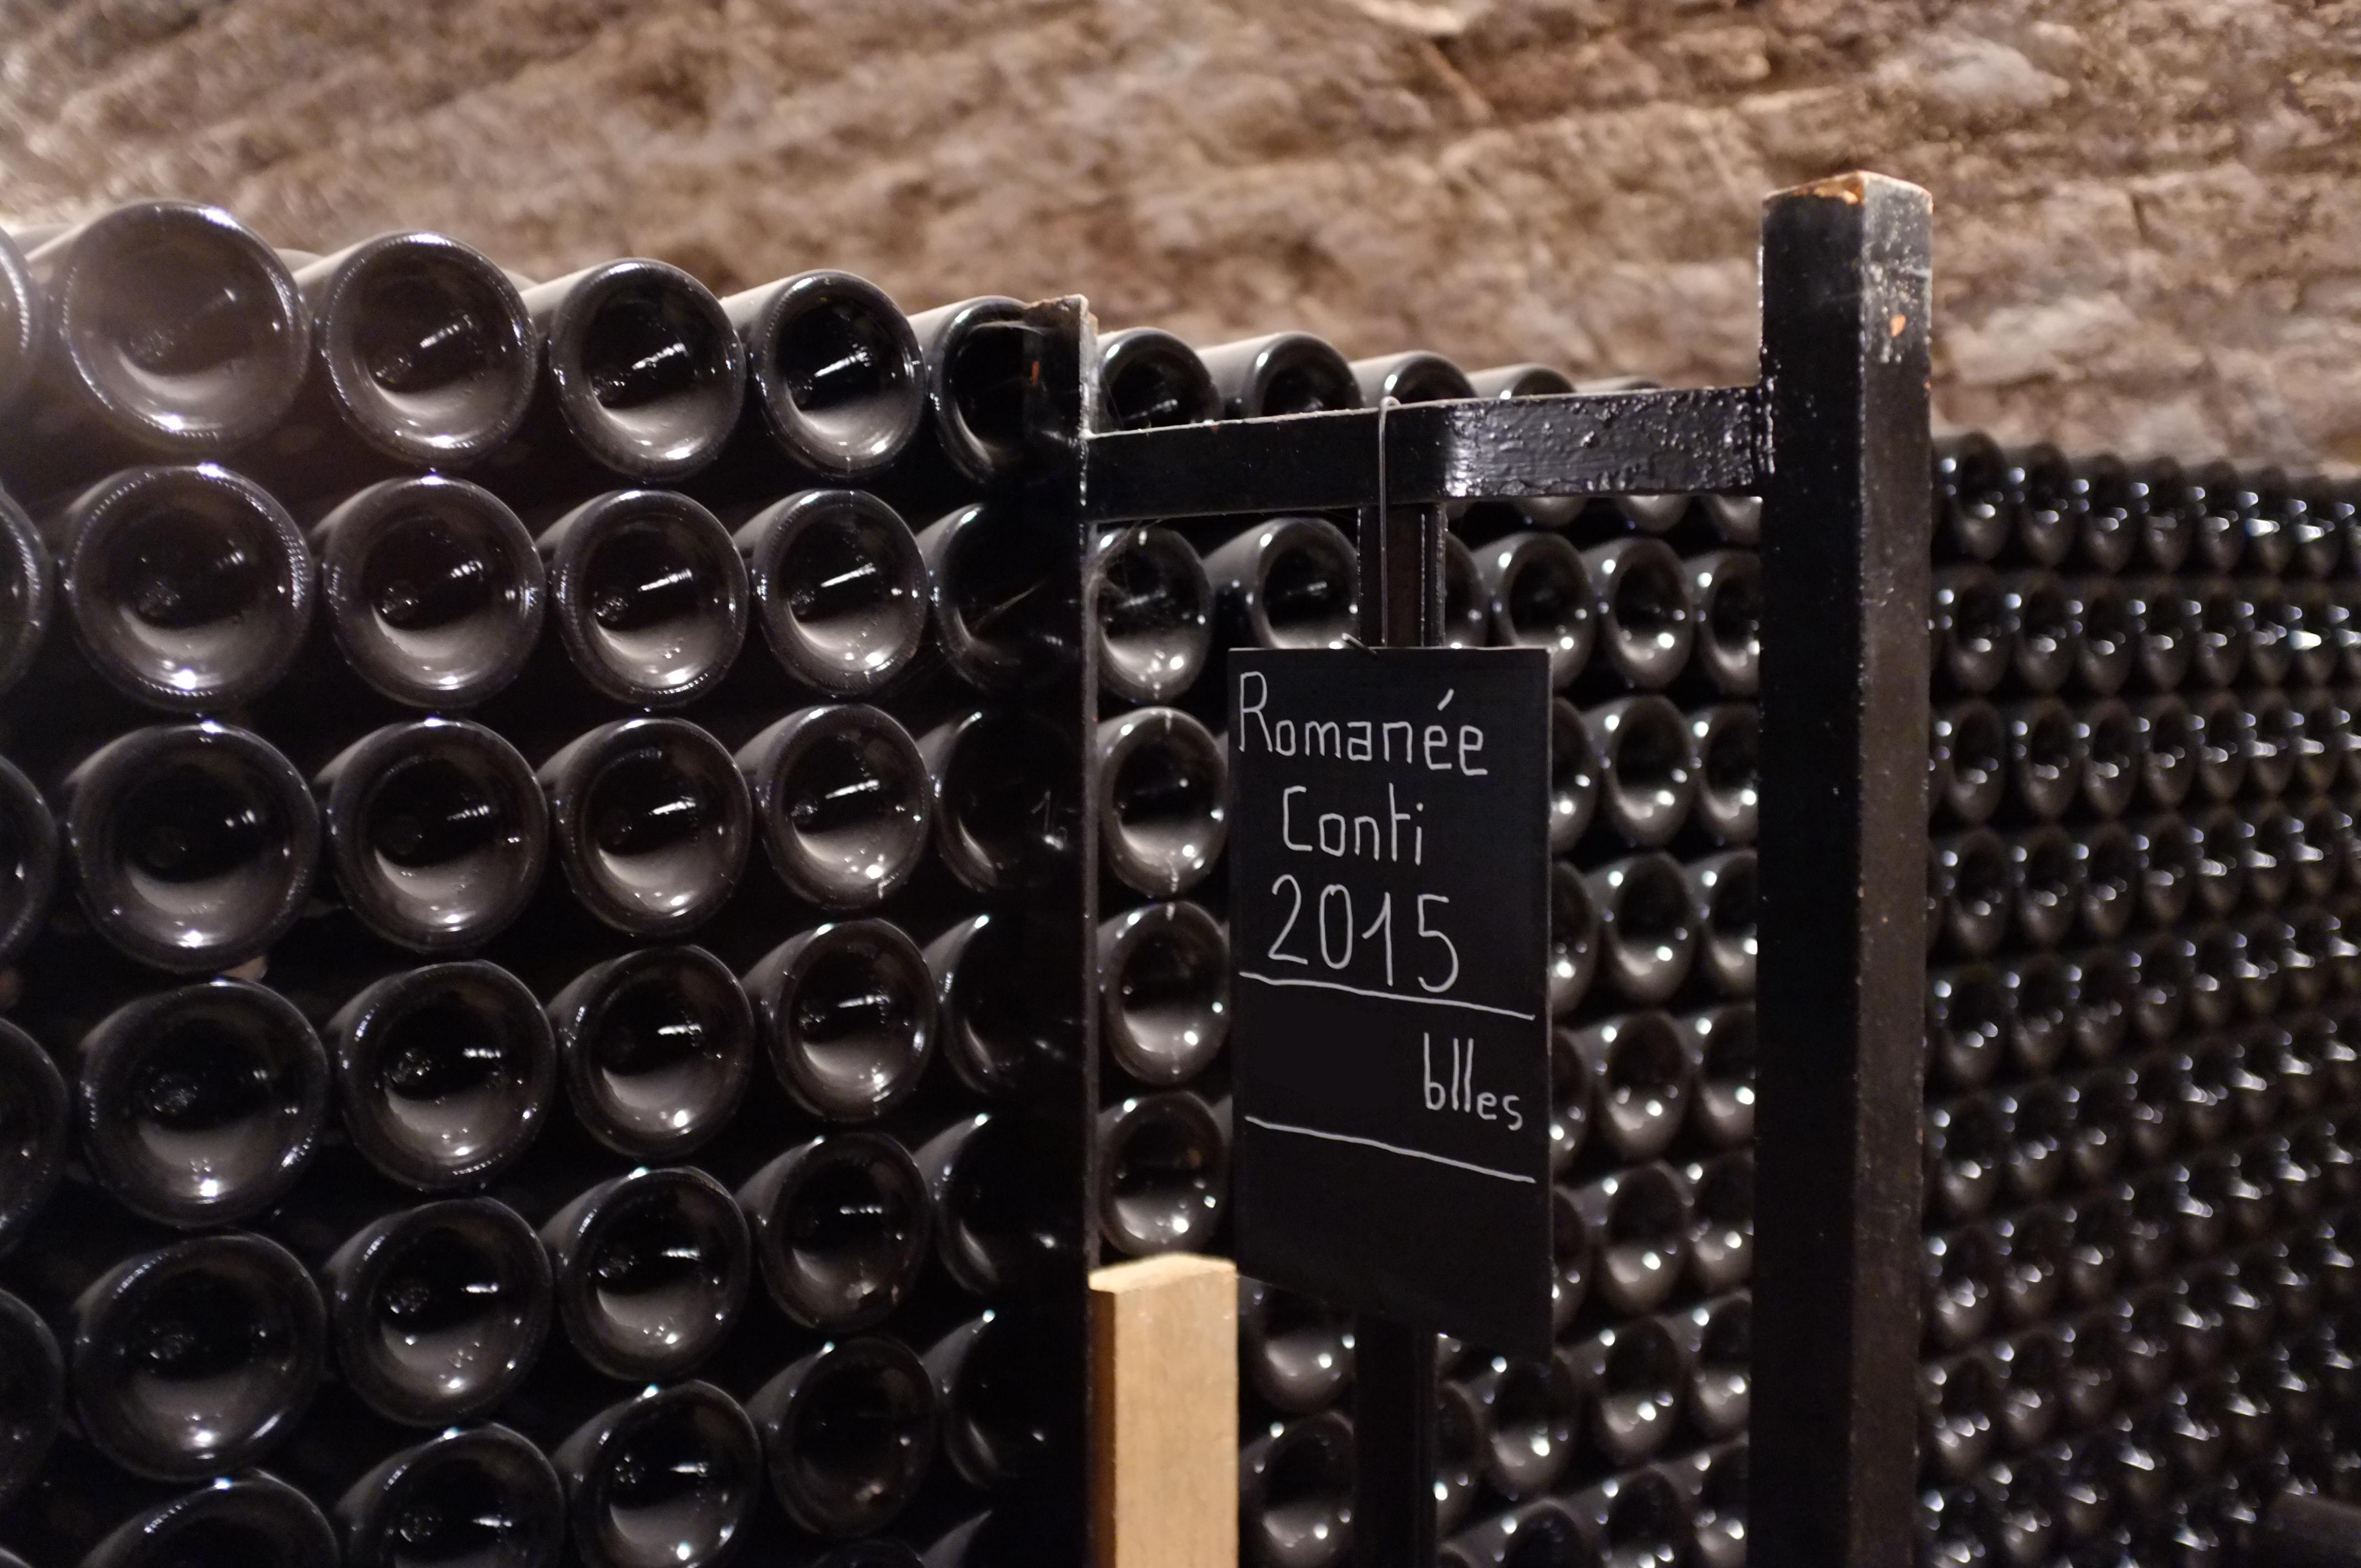 Piles bouteilles Romanée-Conti 2015